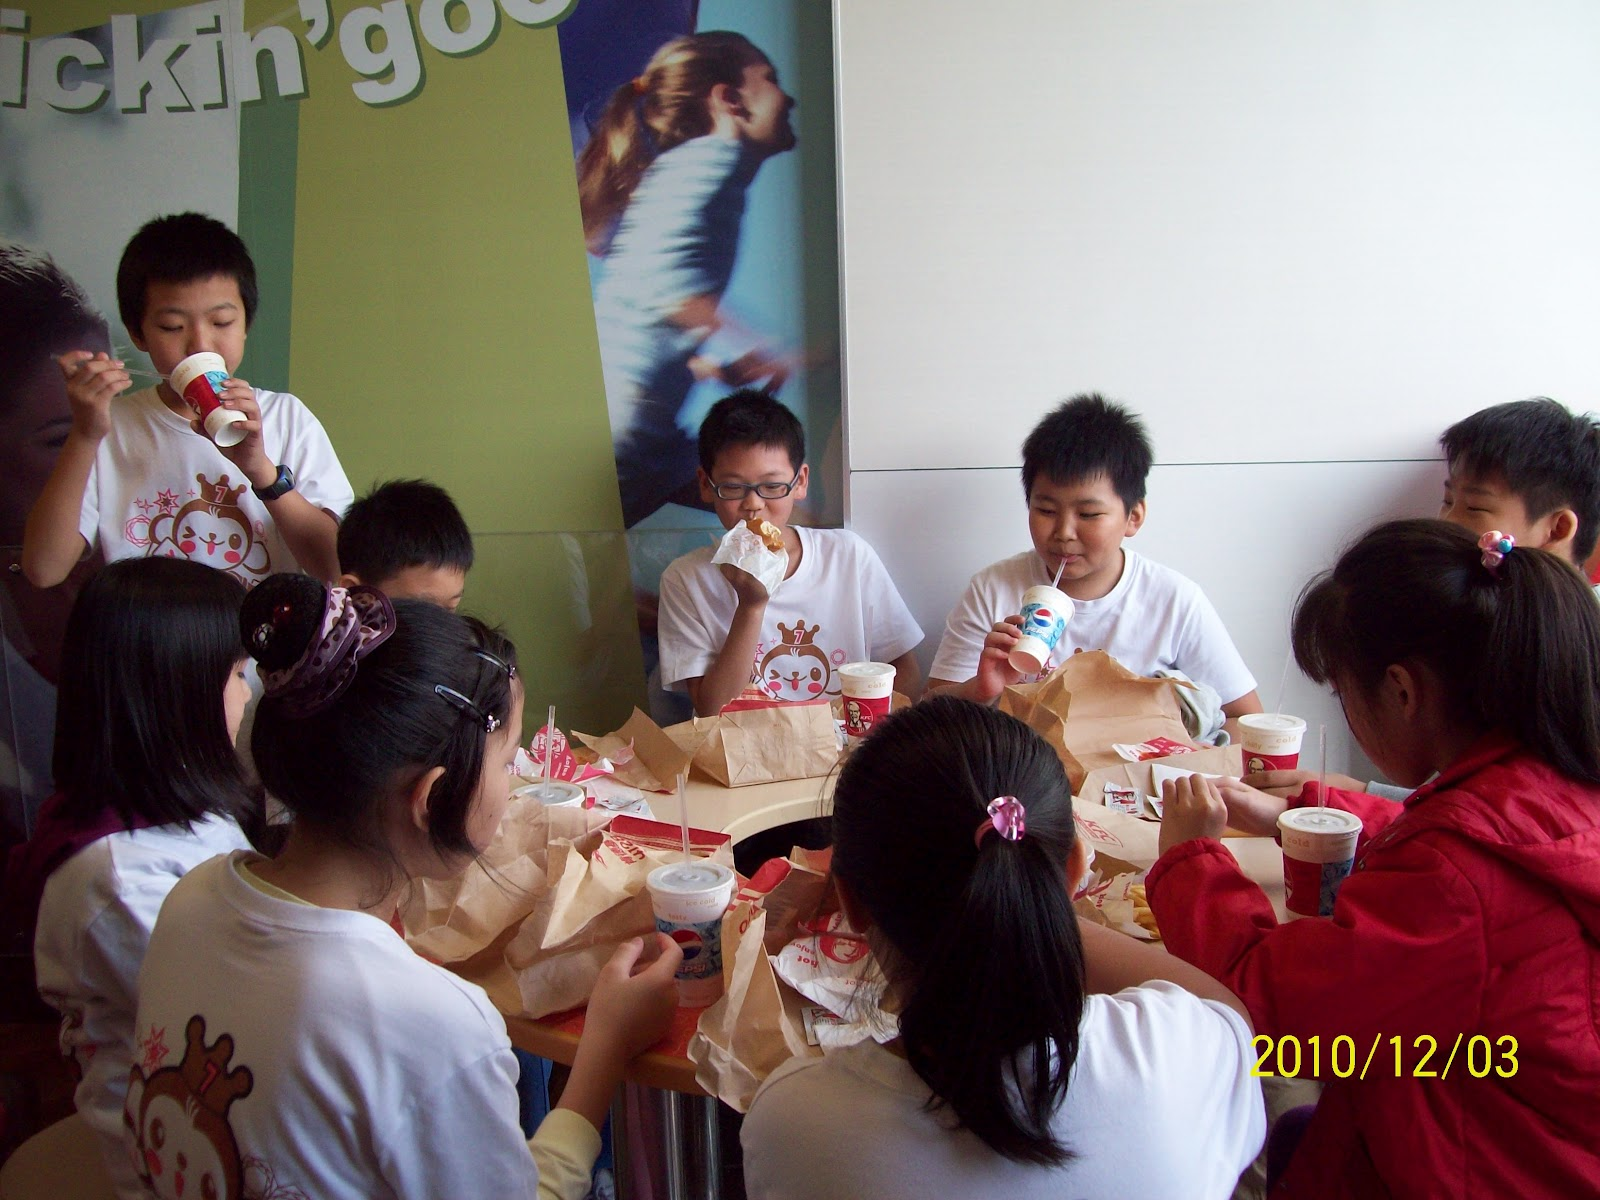 麗林國小英語教學: 99學年度五年級KFC點餐活動